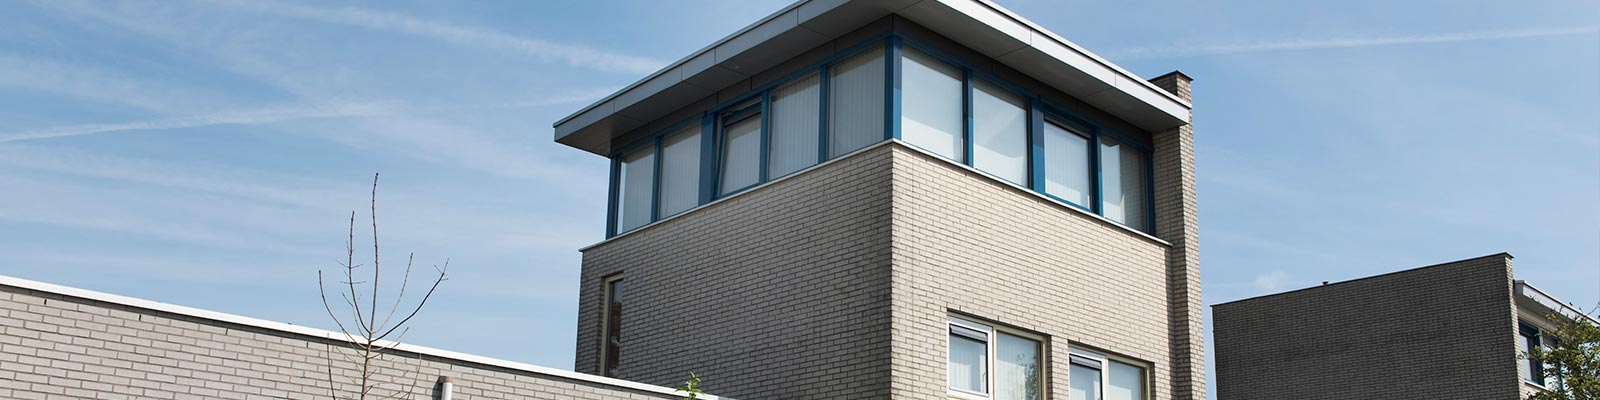 Schildersbedrijf Leerdam - Header Giddinghof 8